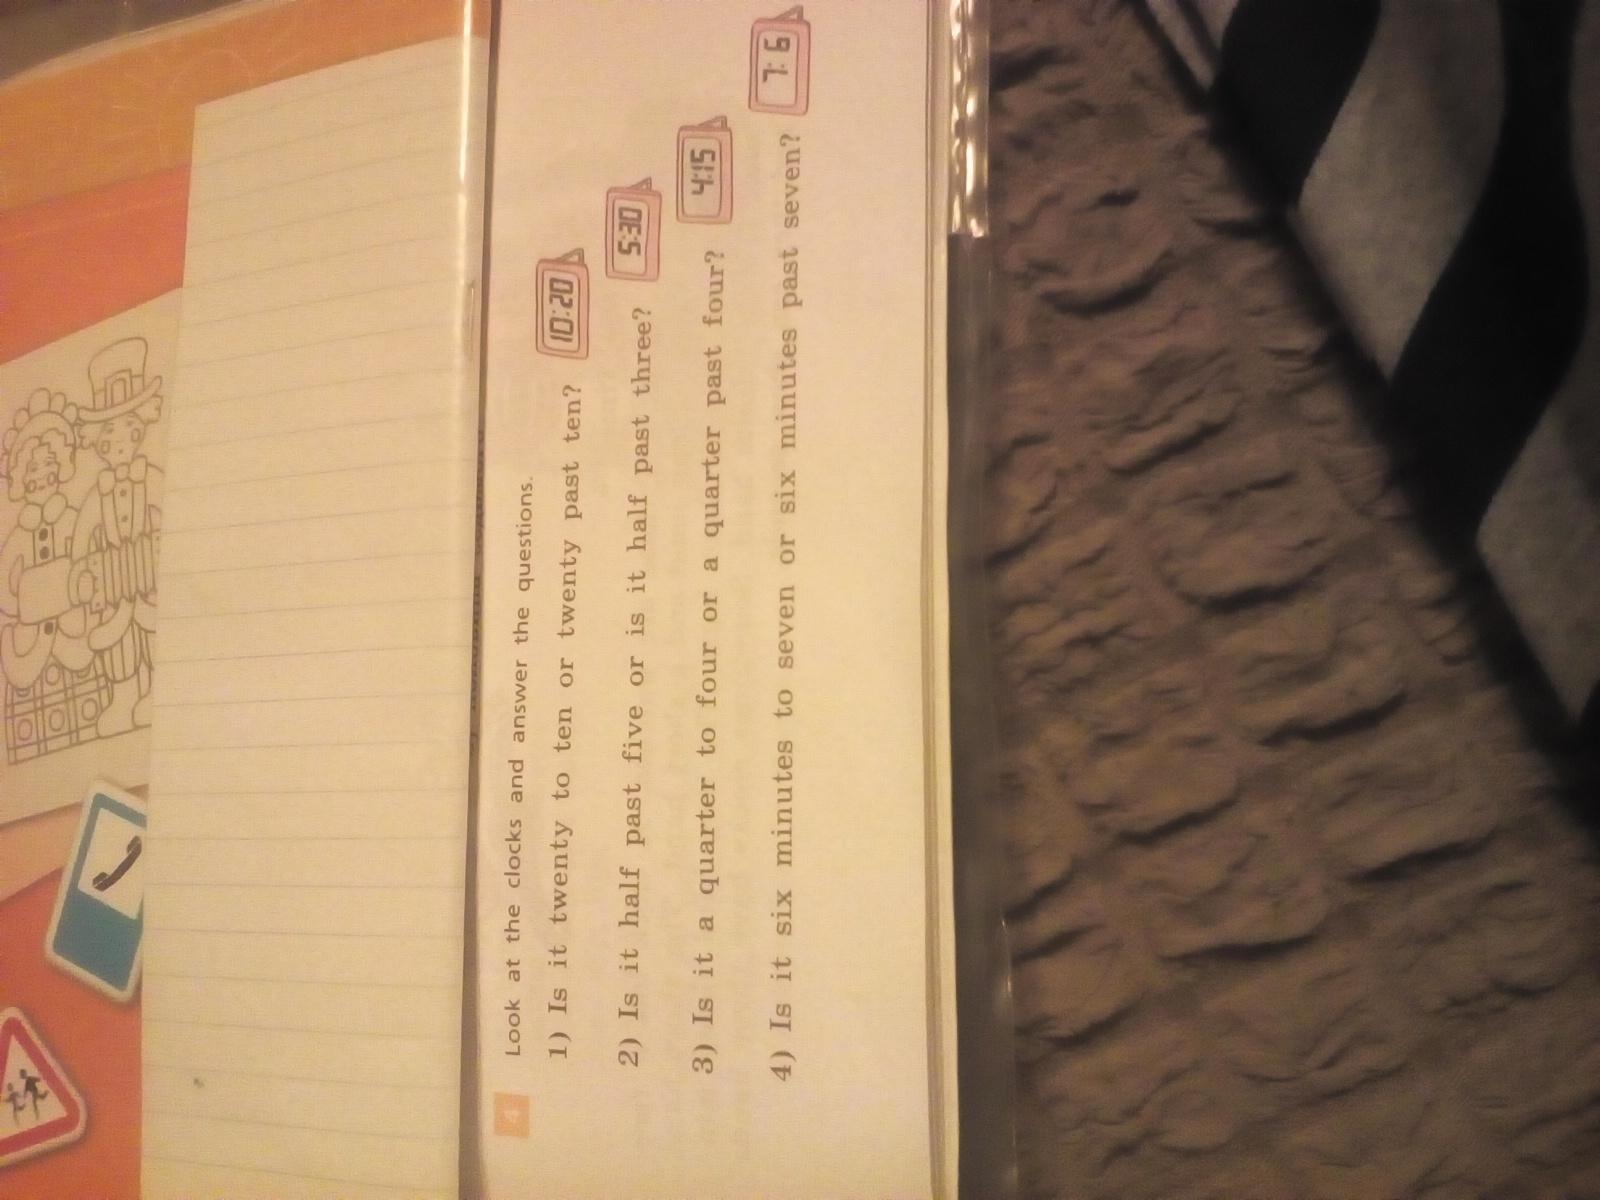 5 класс англиский язик 1 часть страница 101упражнение 4 автори Афанасева перевод на русский язик?